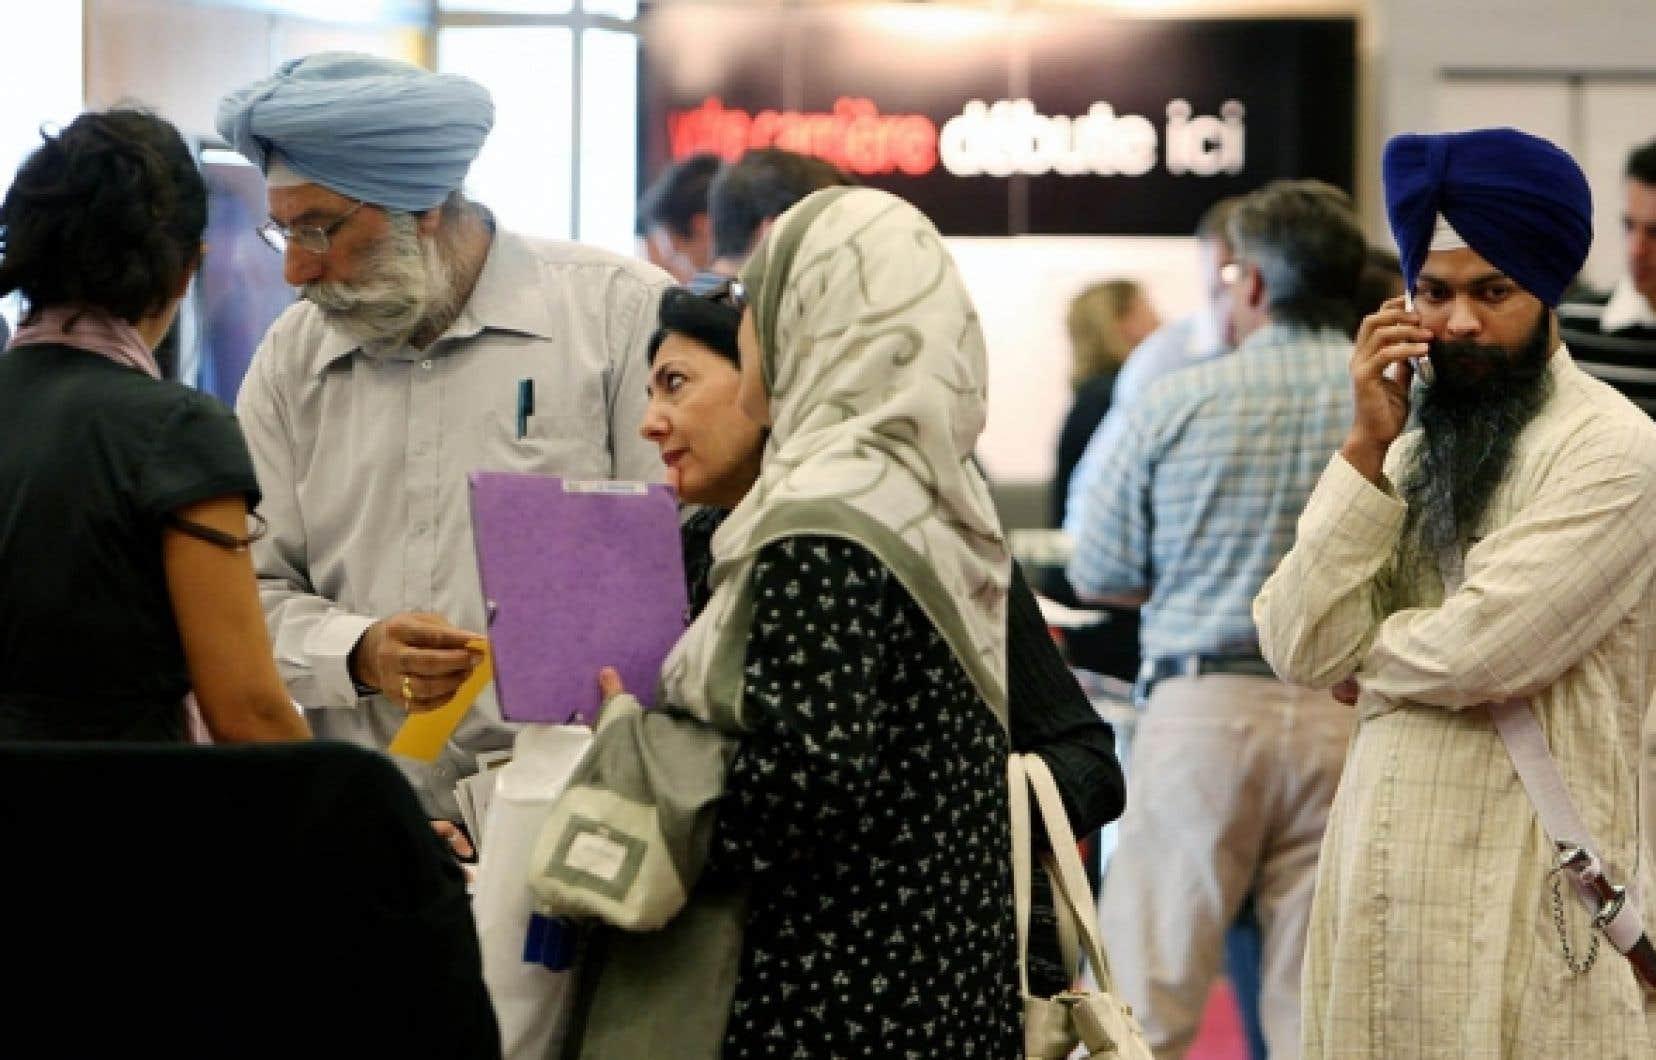 Le professeur à l'Université d'Ottawa Salah Basalamah se demande comment les accommodements raisonnables peuvent servir à intégrer les immigrants. «N'est-ce pas plutôt une façon de dire et de faire remarquer qu'il y a des groupes différents?»